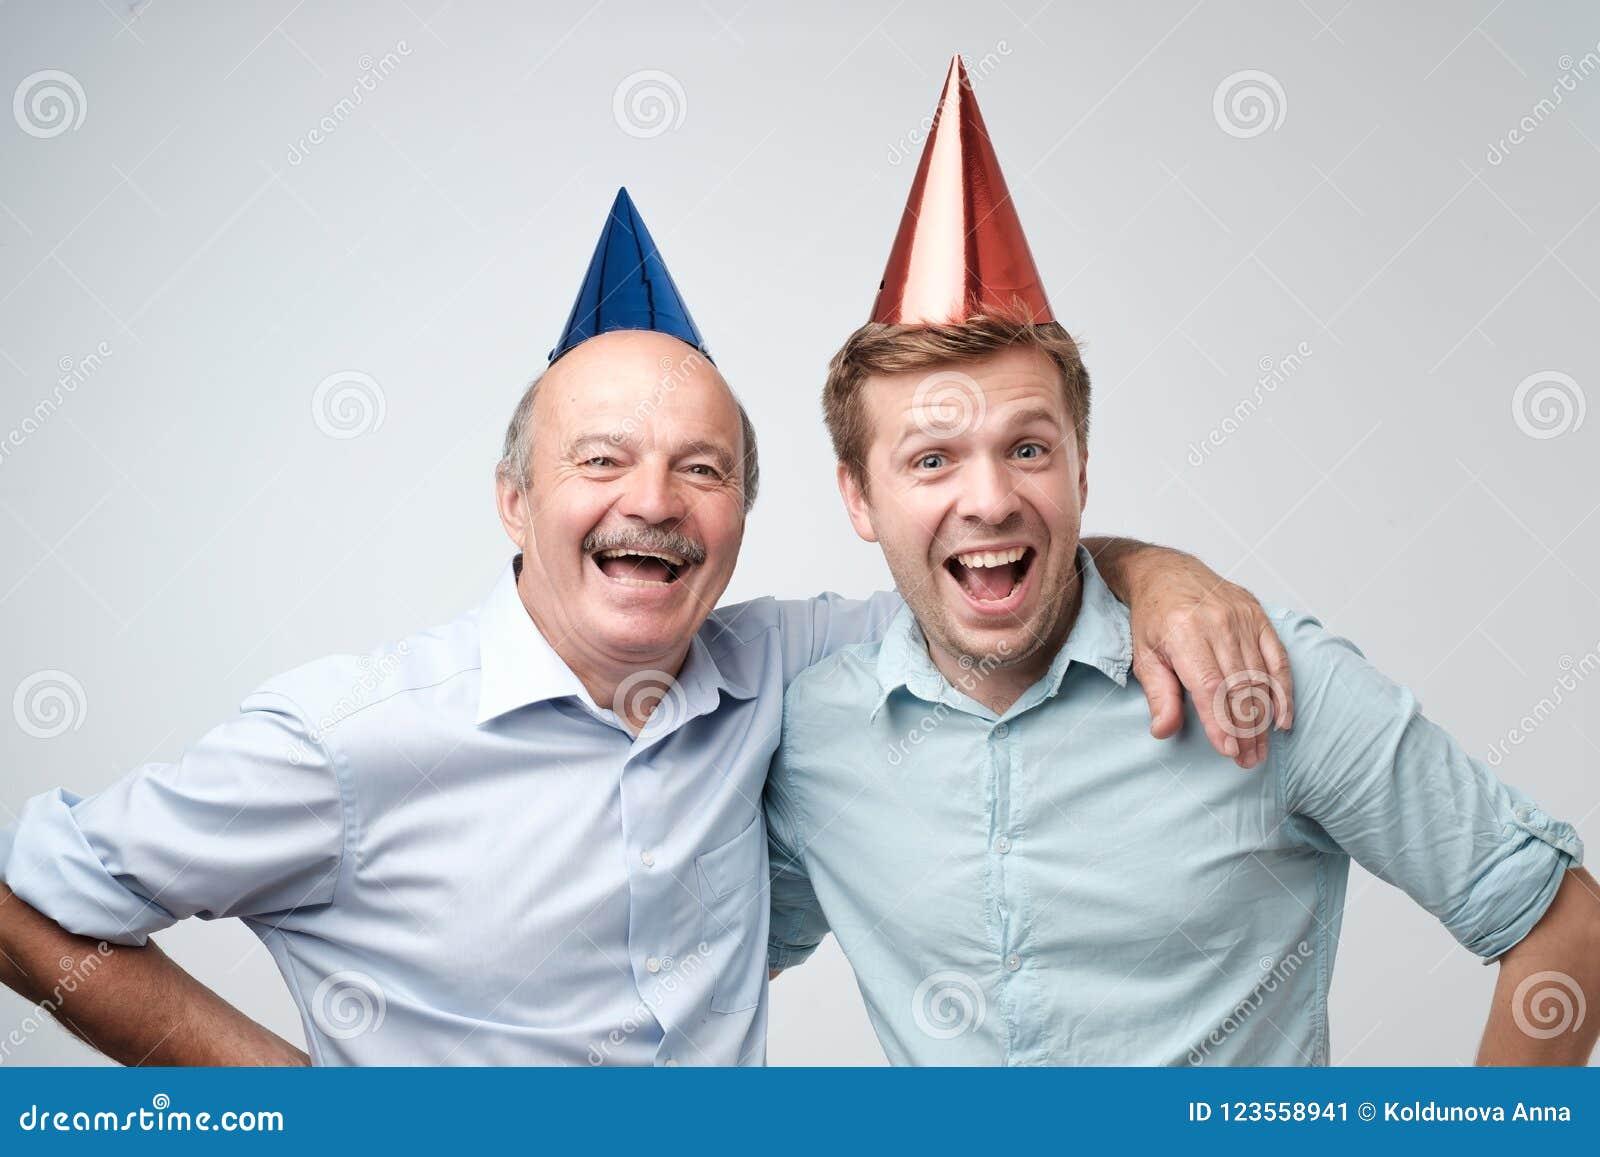 成熟庆祝生日快乐的人和他的年轻儿子戴着滑稽的帽子